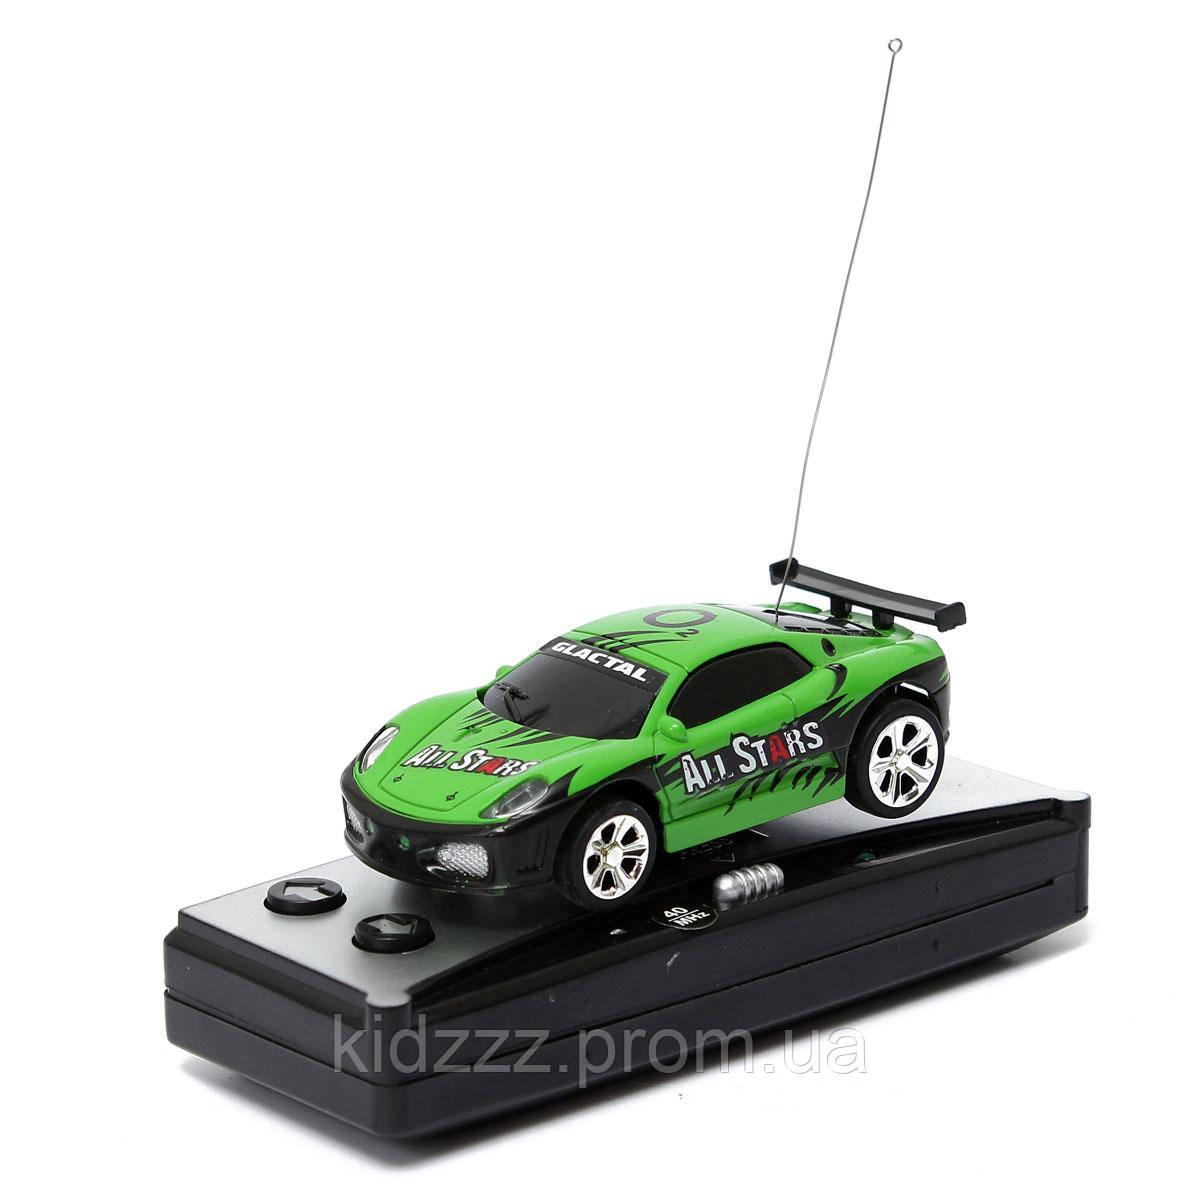 Машинка на радиоуправлении игрушка для мальчика